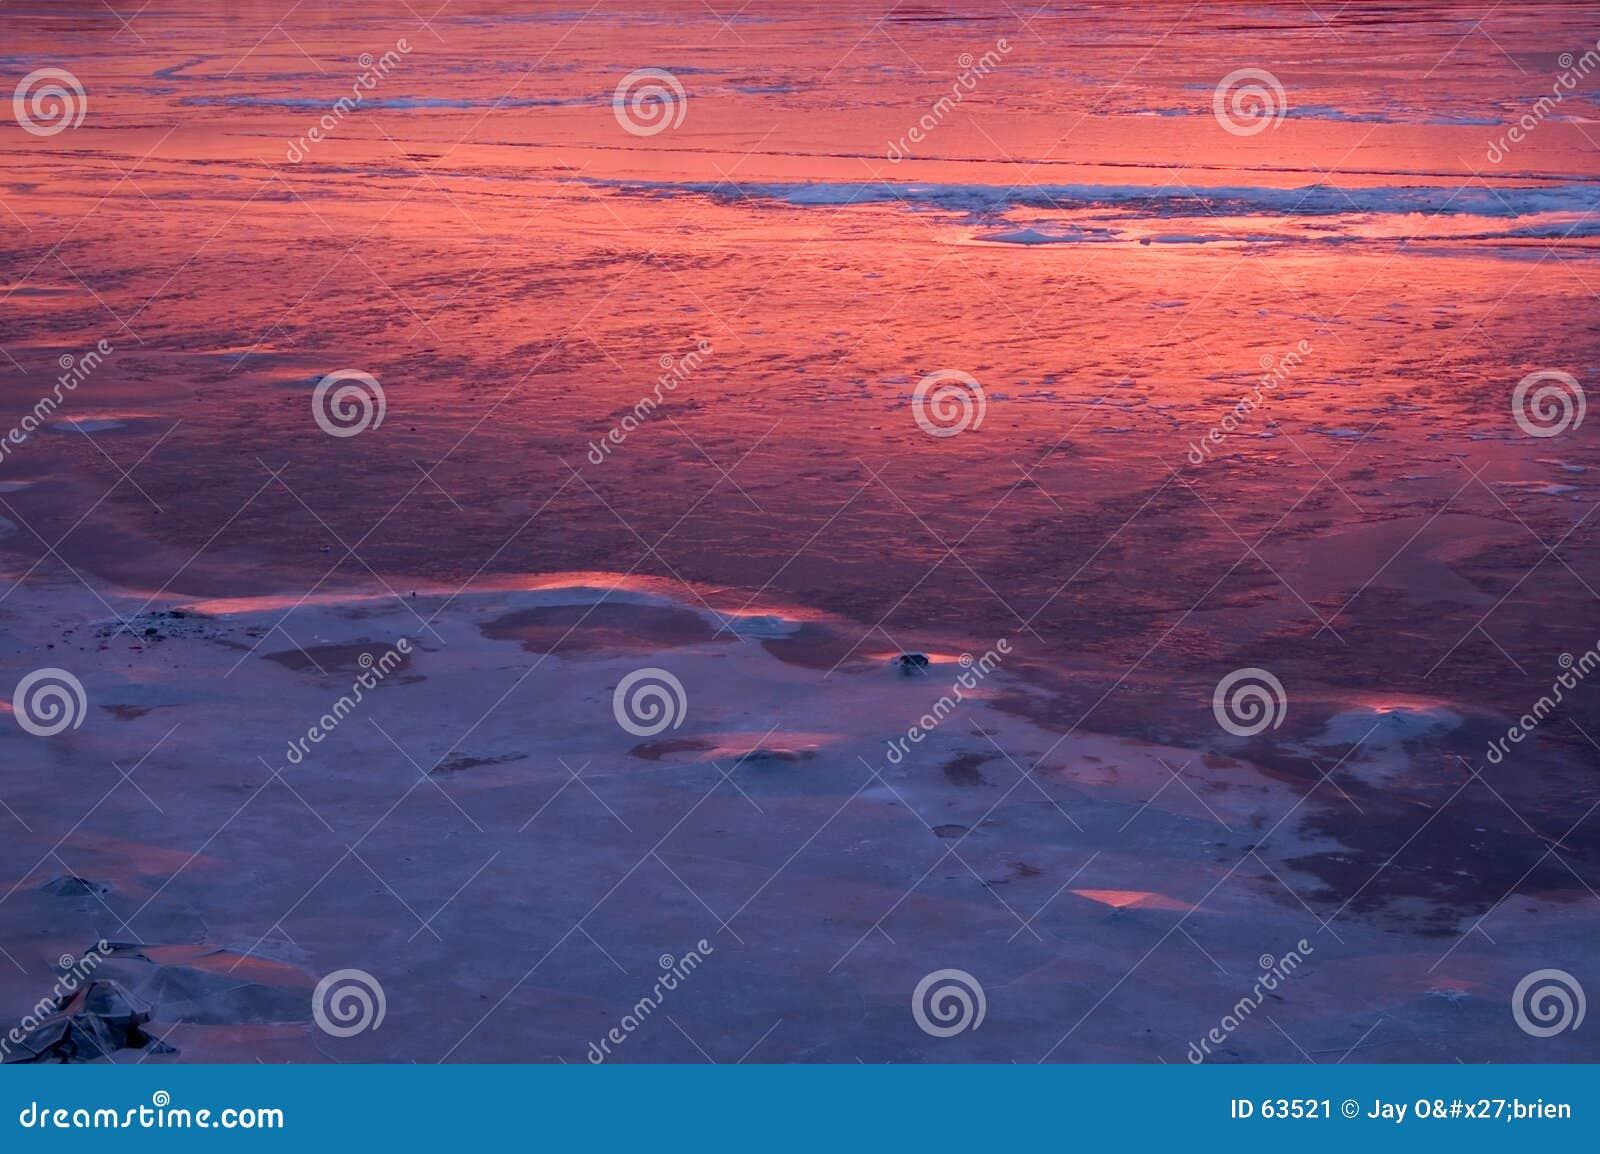 Weerspiegelende zonsopgang